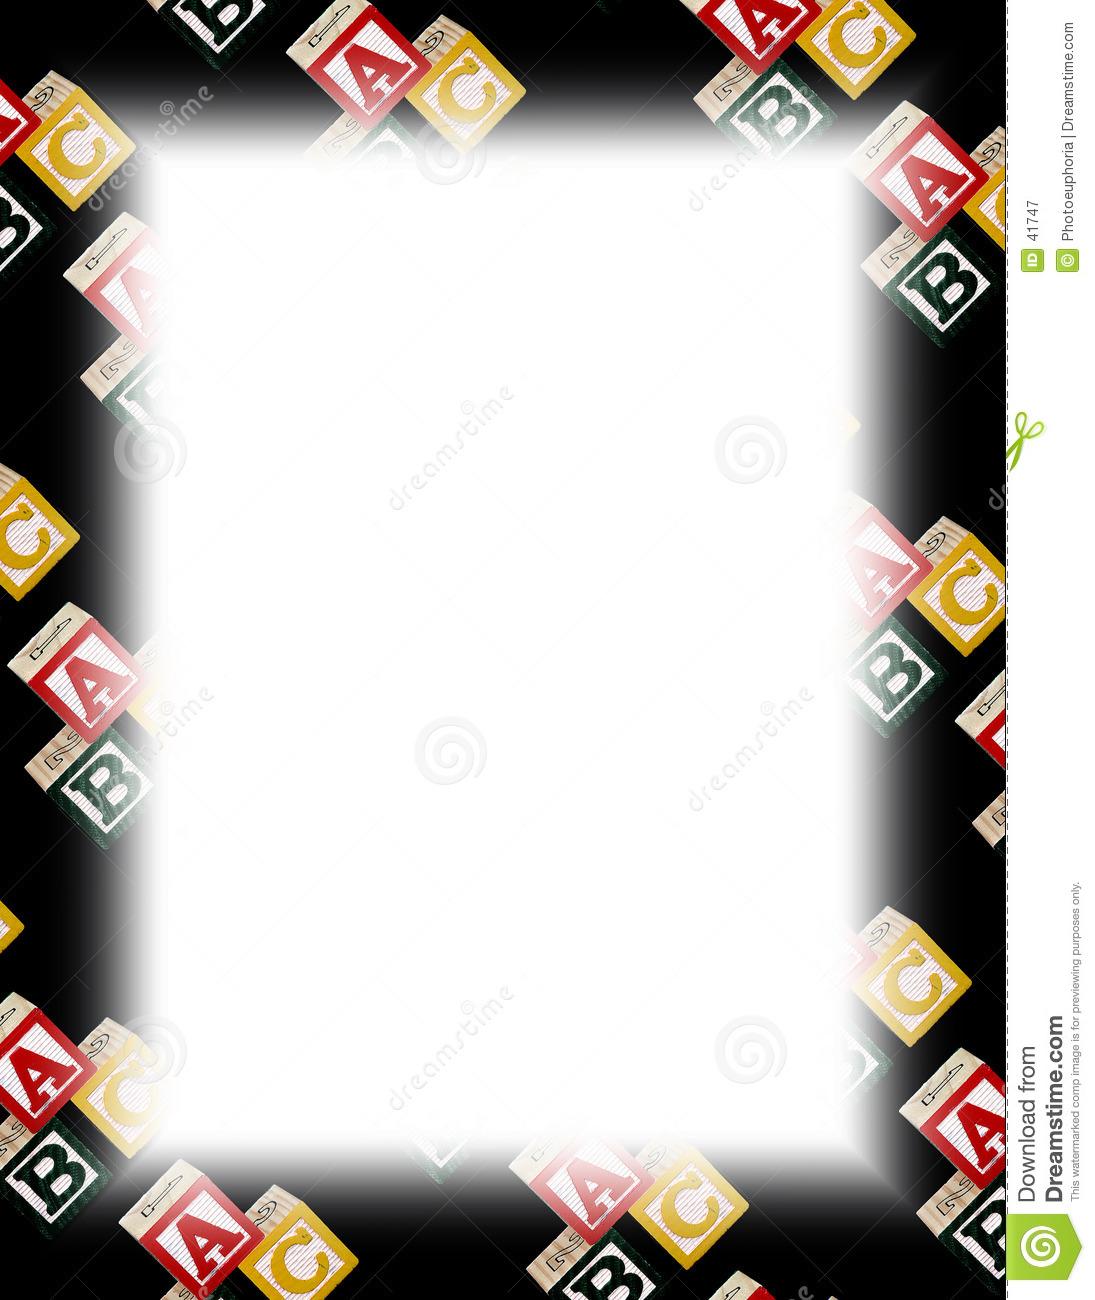 Letter clipart abc border clip art transparent library Full Size Abc Border Clipart - Clipart Kid clip art transparent library